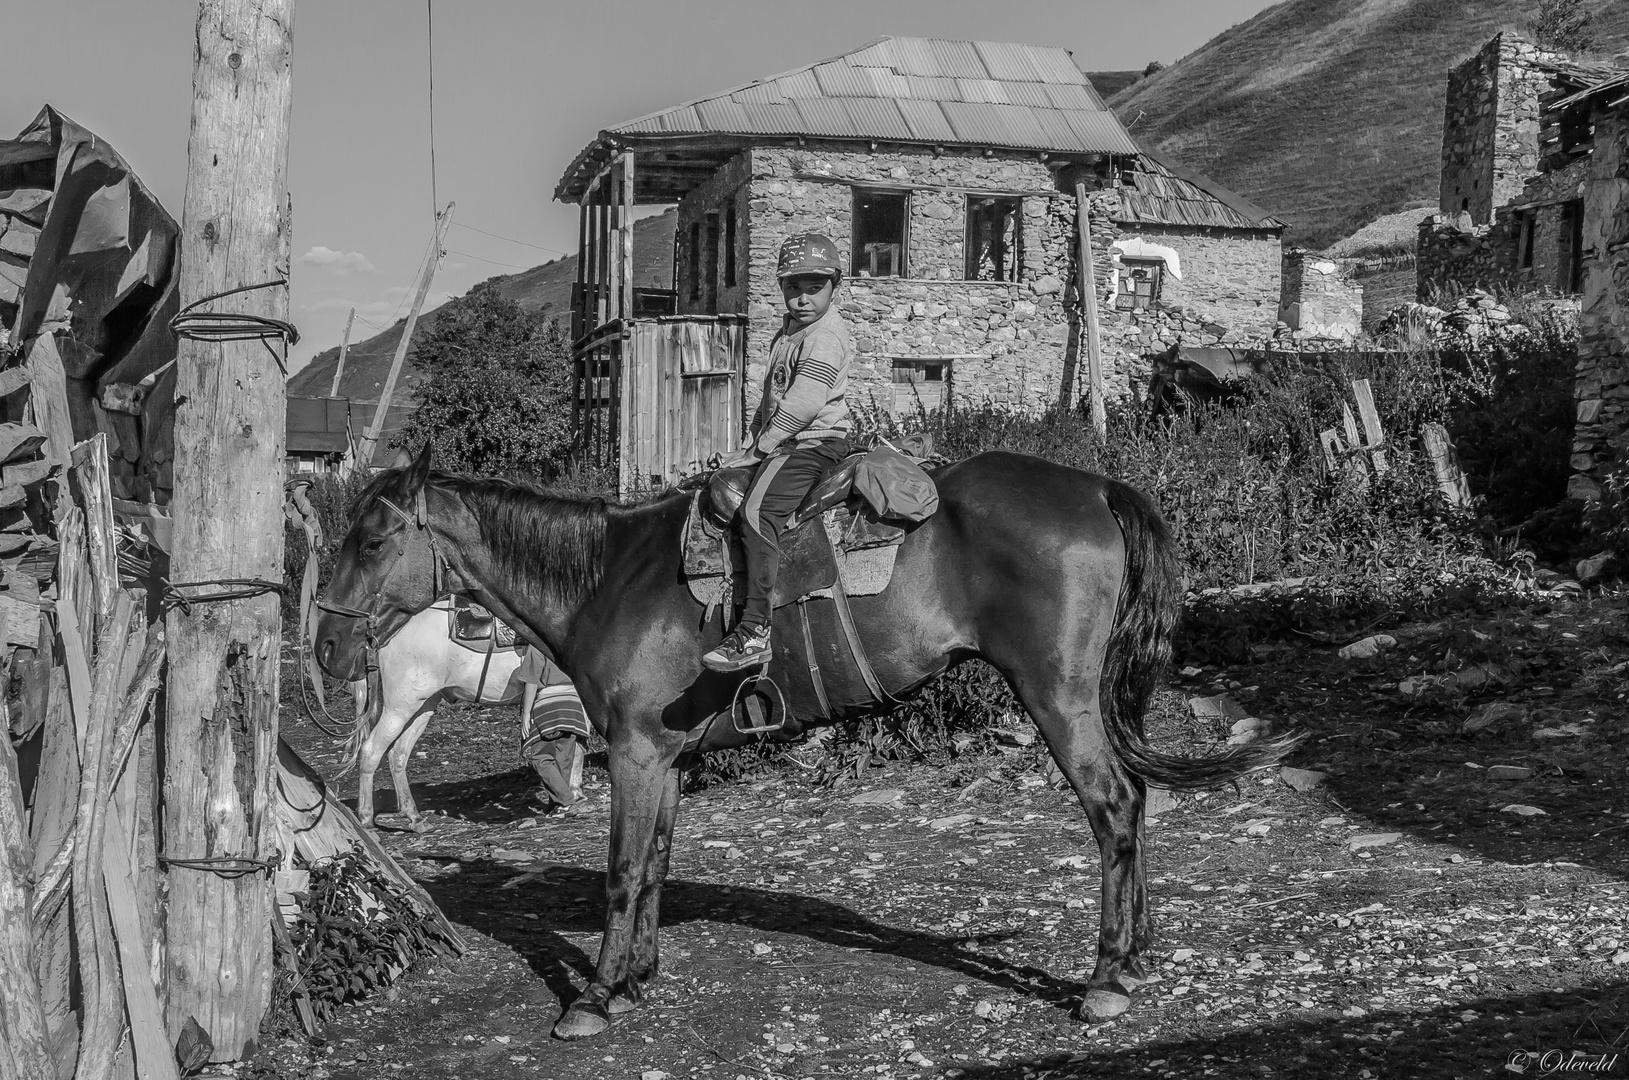 On horseback.